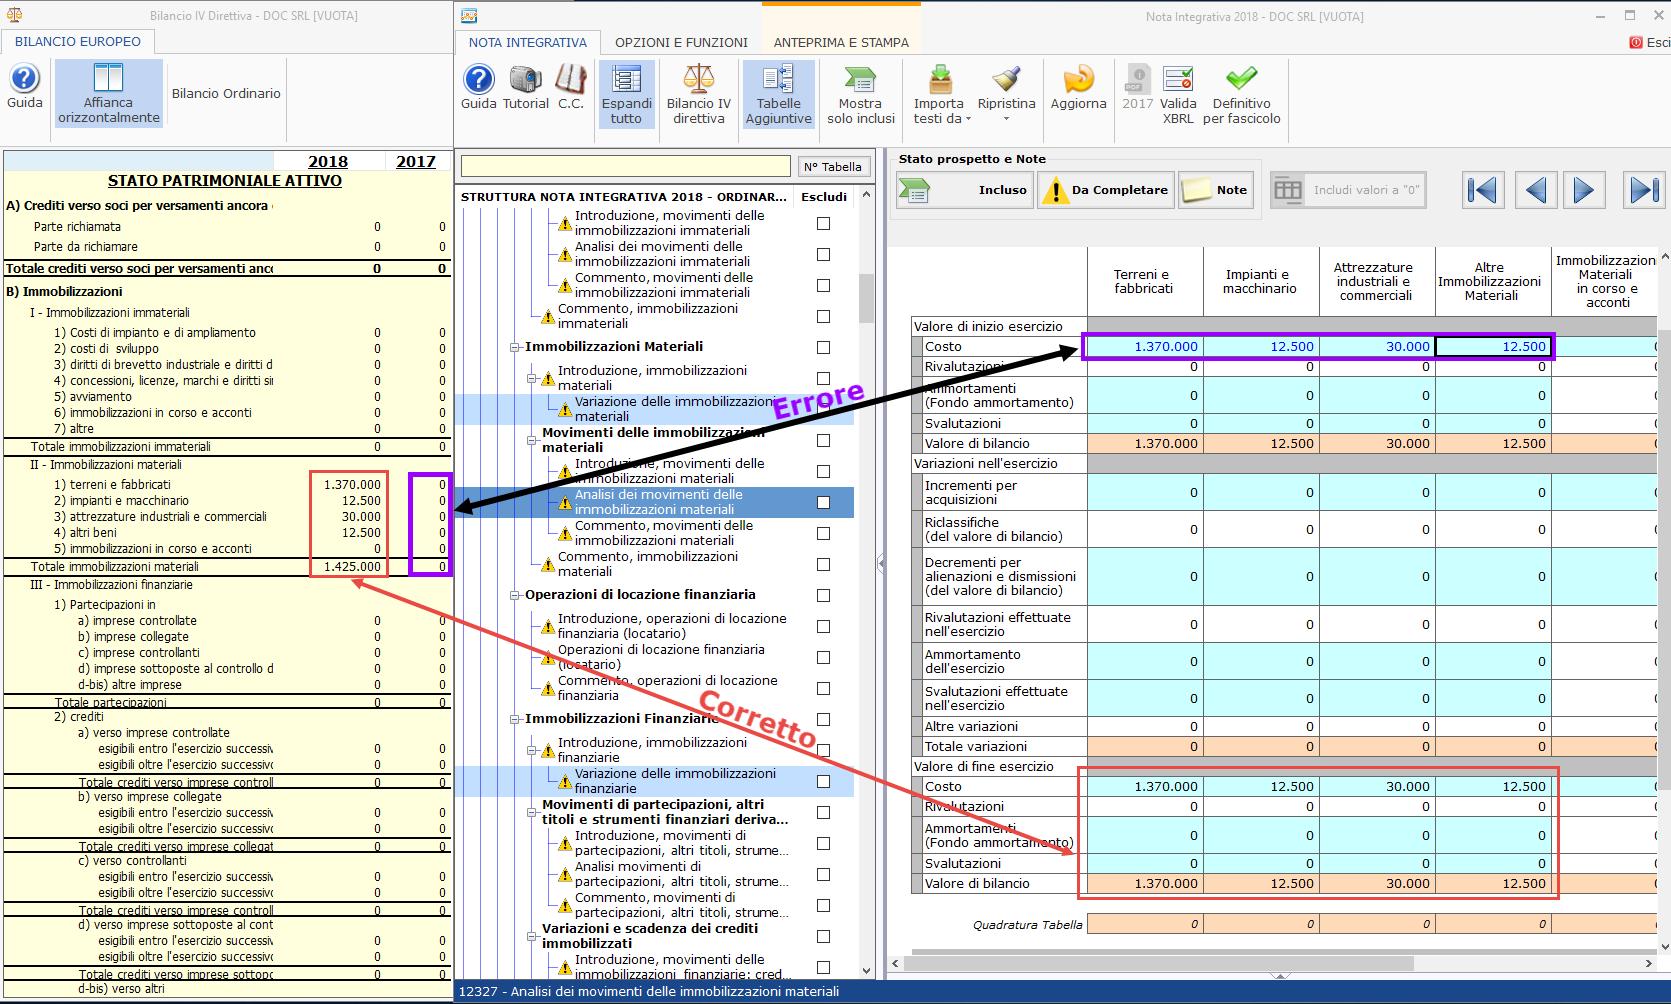 Bilancio XBRL: errori frequenti di validazione – Verifica dati tabelle